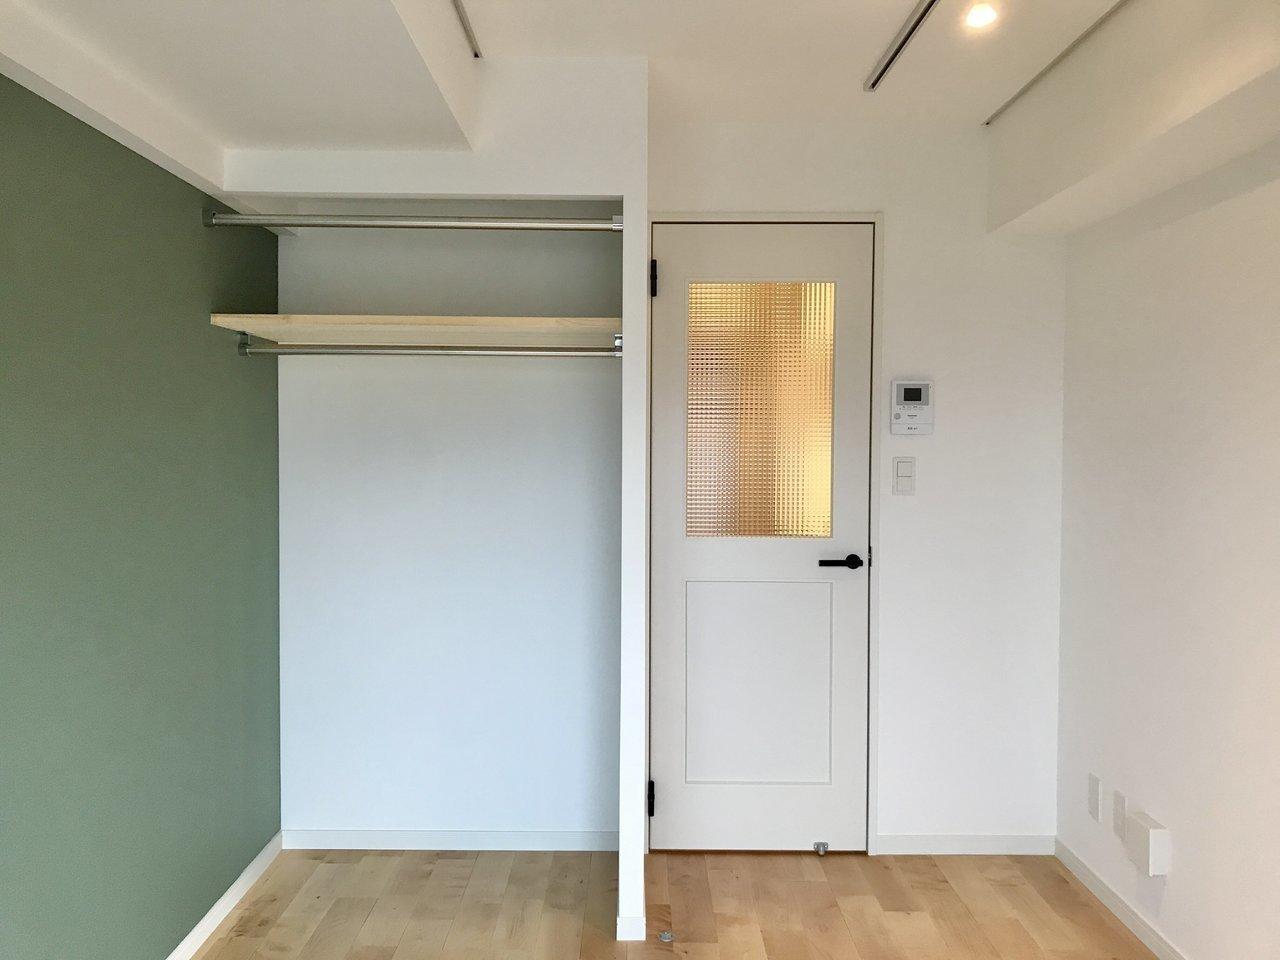 グッドルームのオリジナルリノベーション賃貸「TOMOS(トモス)」のお部屋では、小さな間取りの場合クローゼットはあえてオープンにし、家具配置を邪魔しない工夫をしています。カーテン用のレールもついているので、隠したい方はお好きな布を用意してください。(このお部屋はこちら)